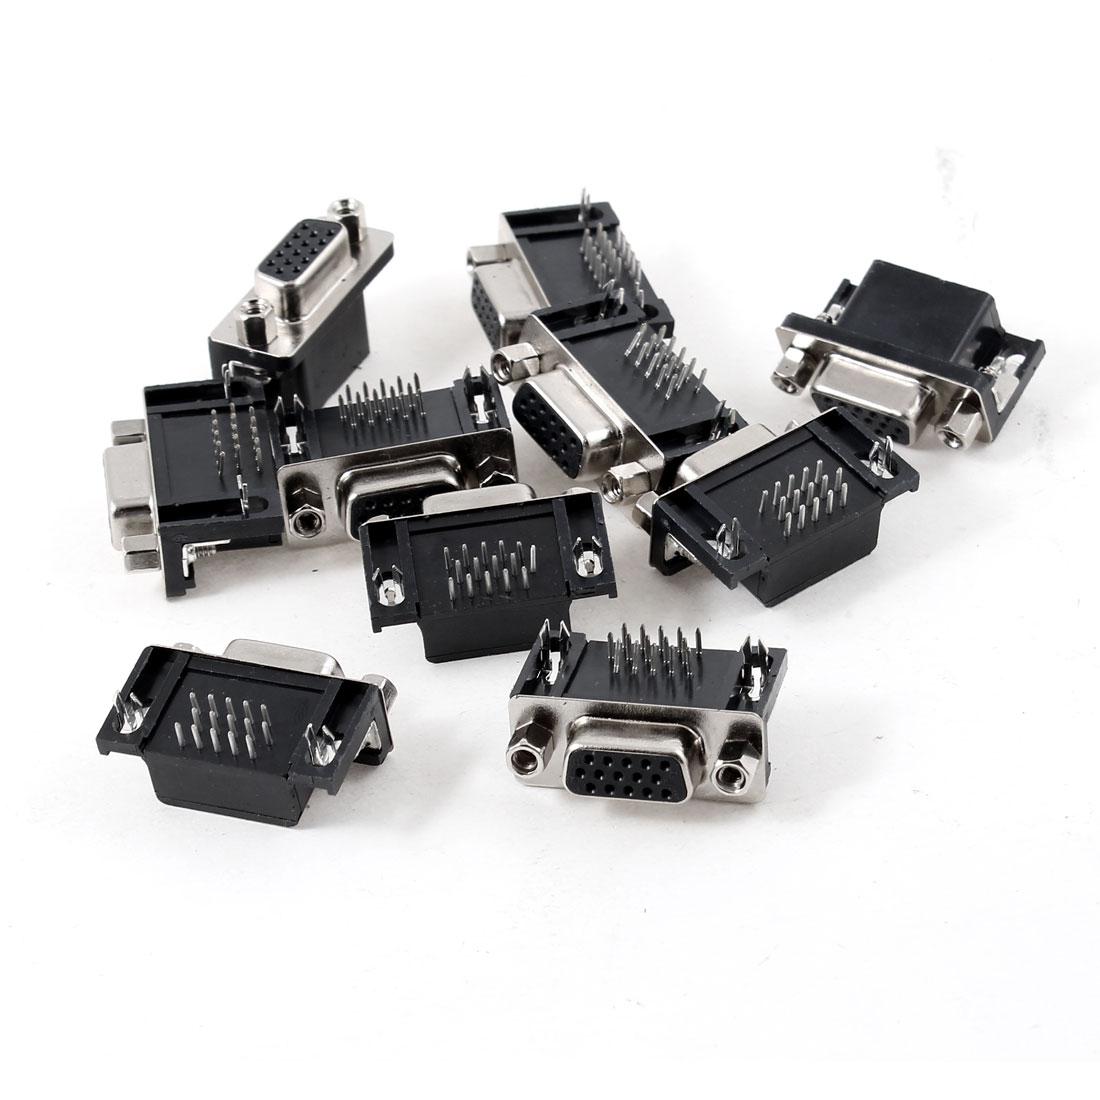 10pcs DB15 15 Pins Right Angle VGA Female Socket Connector Adapter